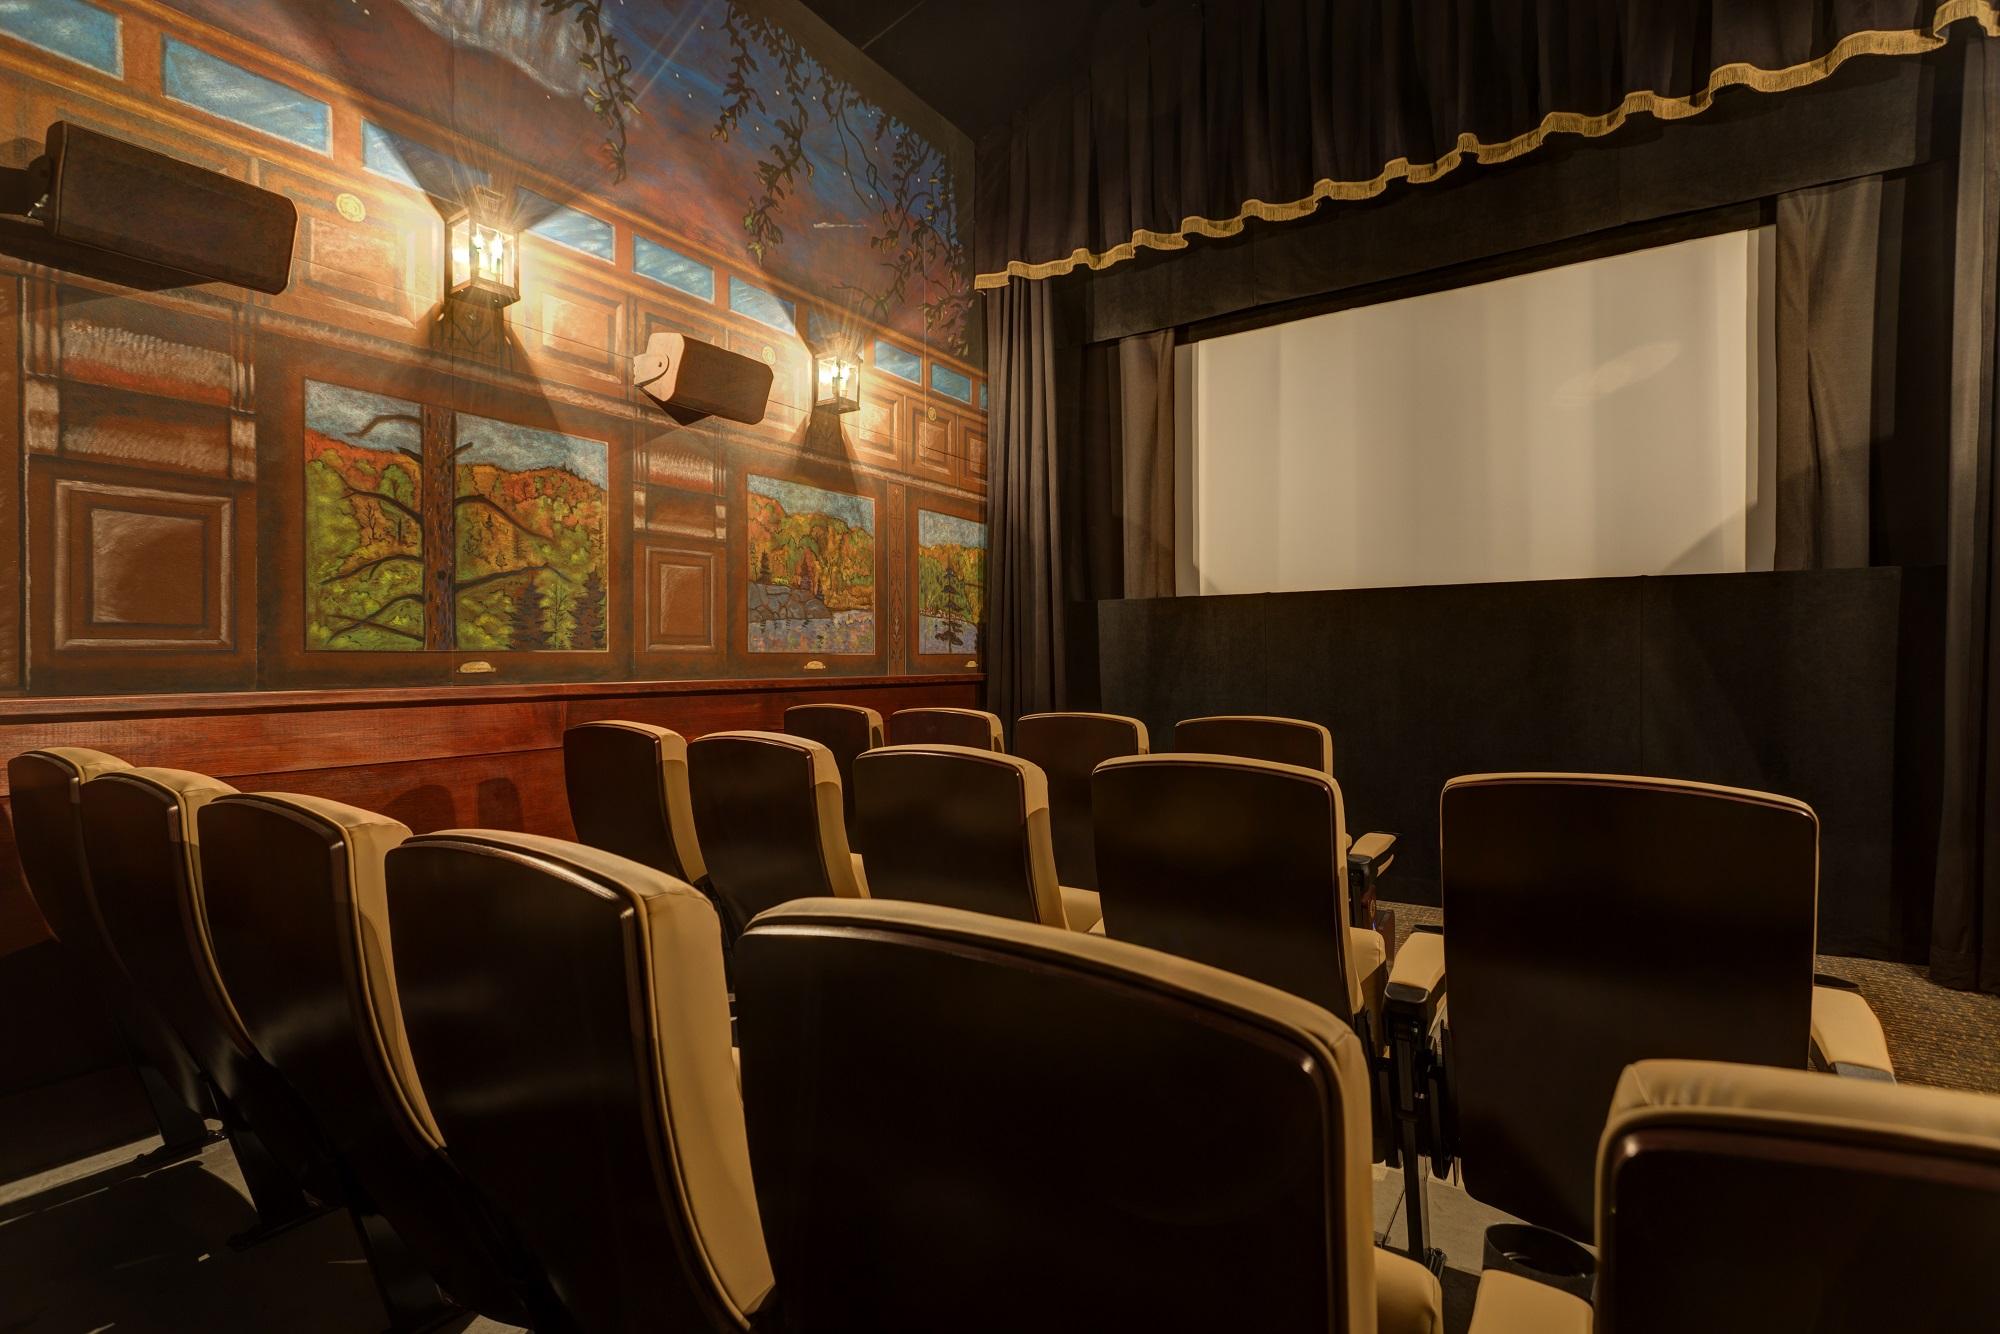 Lyric Theatre 22 Seat Theatre